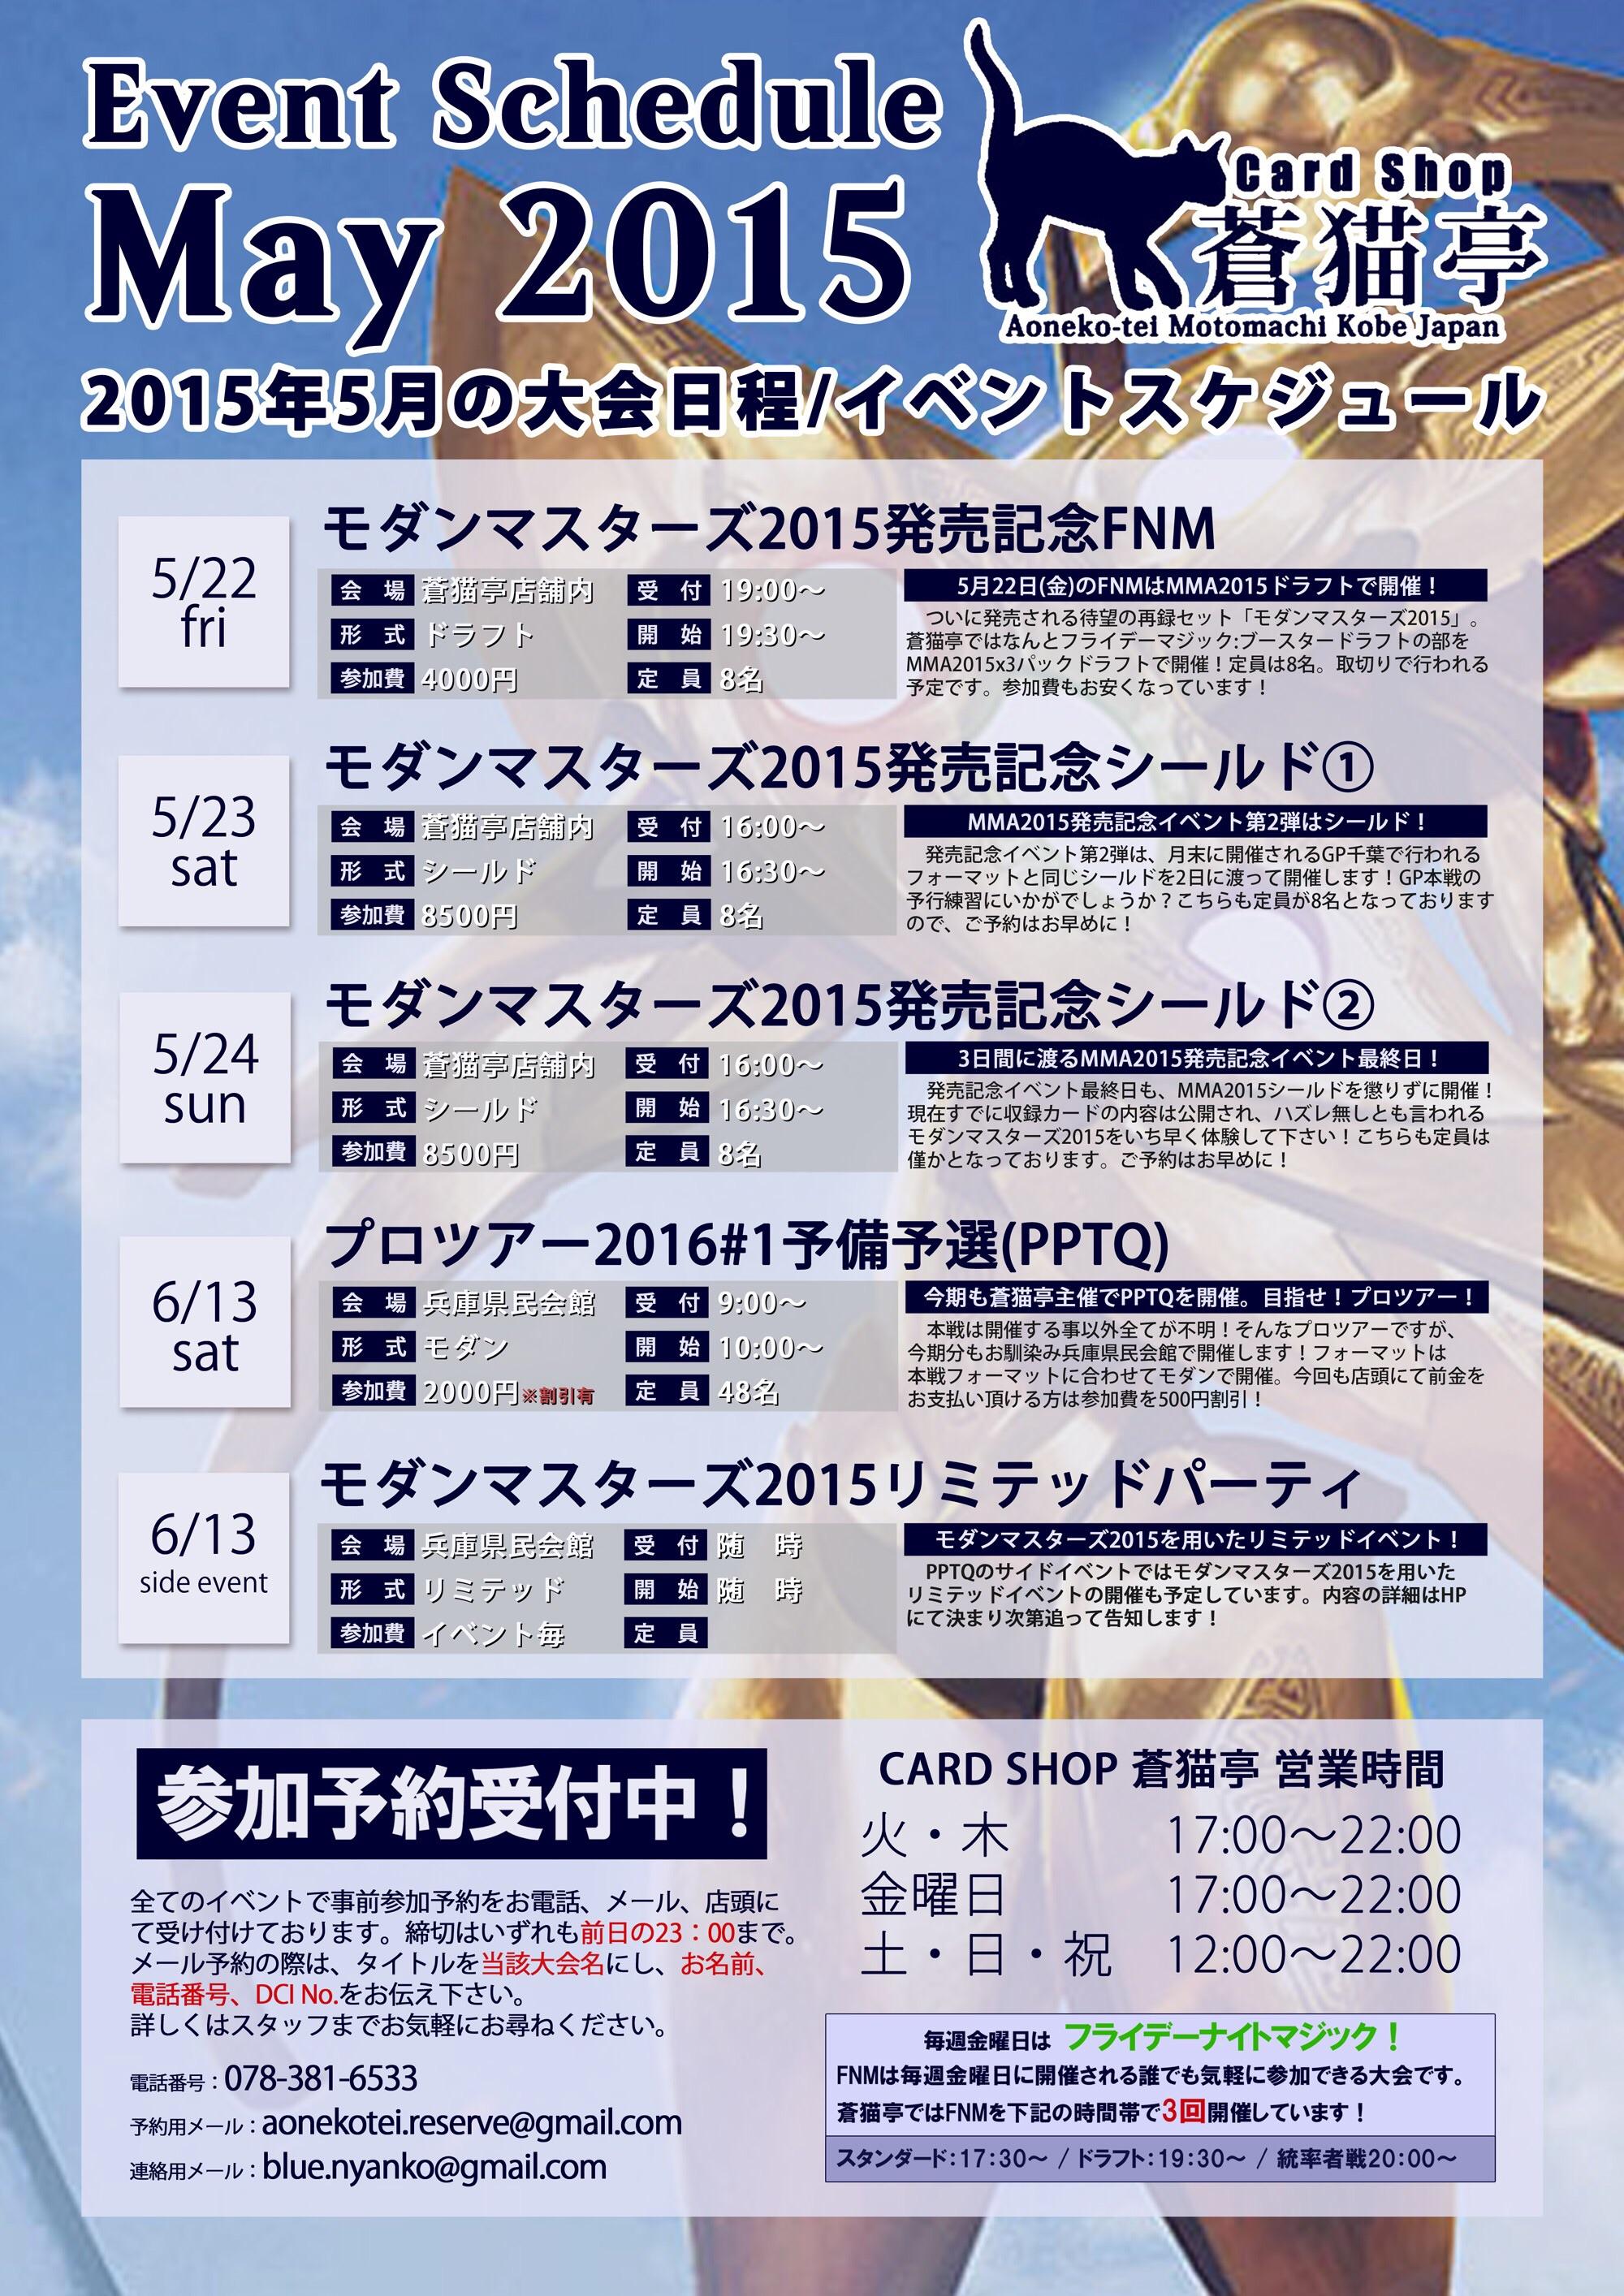 5月の大会日程-mma2015印刷用